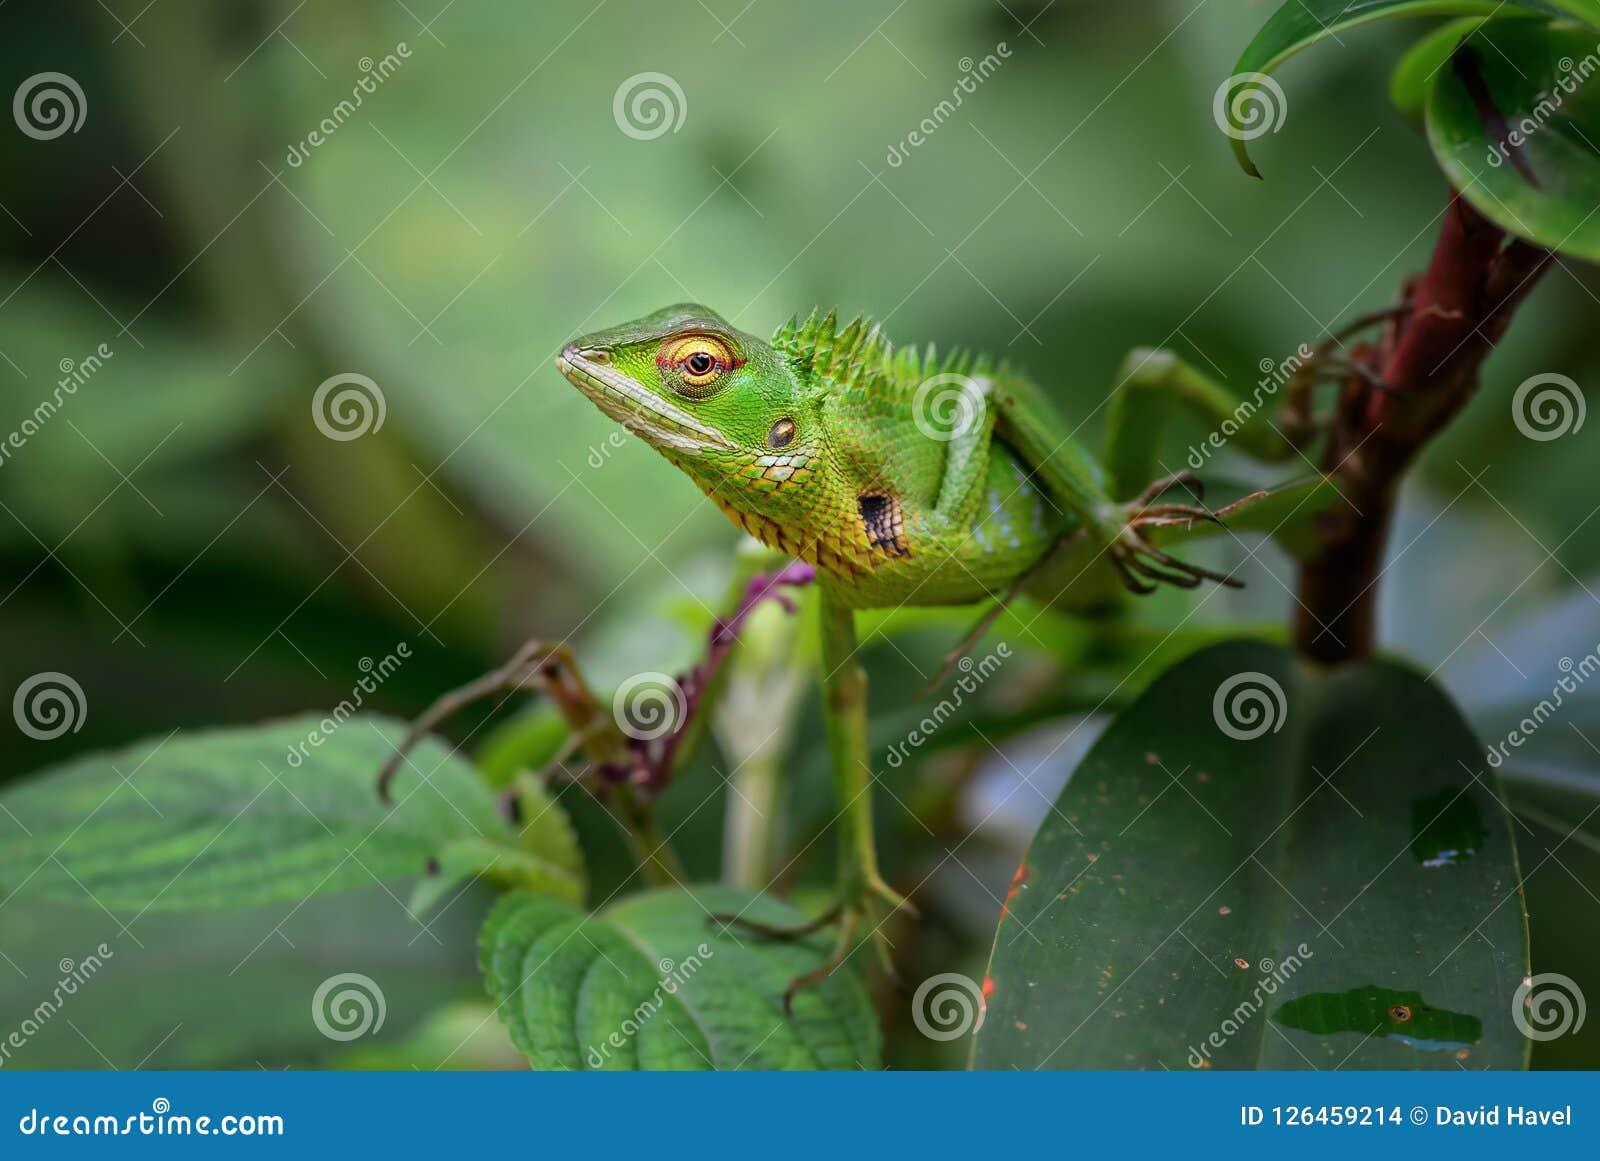 Oriental Garden Lizard - Calotes versicolor